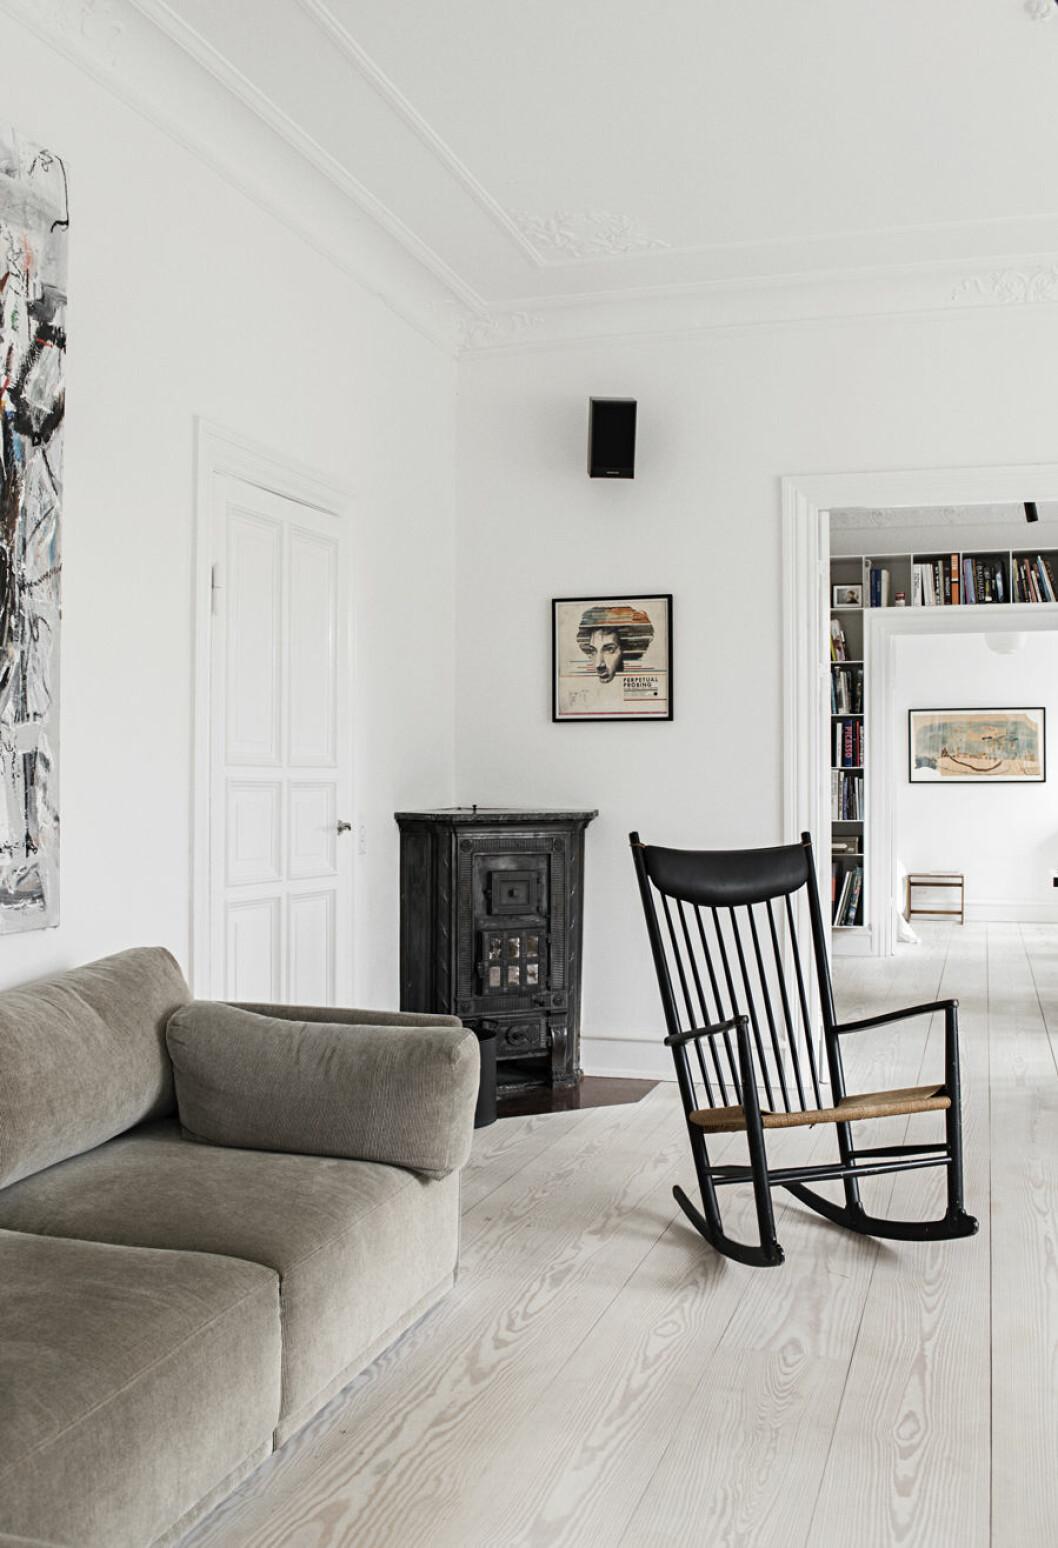 Gungstol och soffa i vardagsrummet